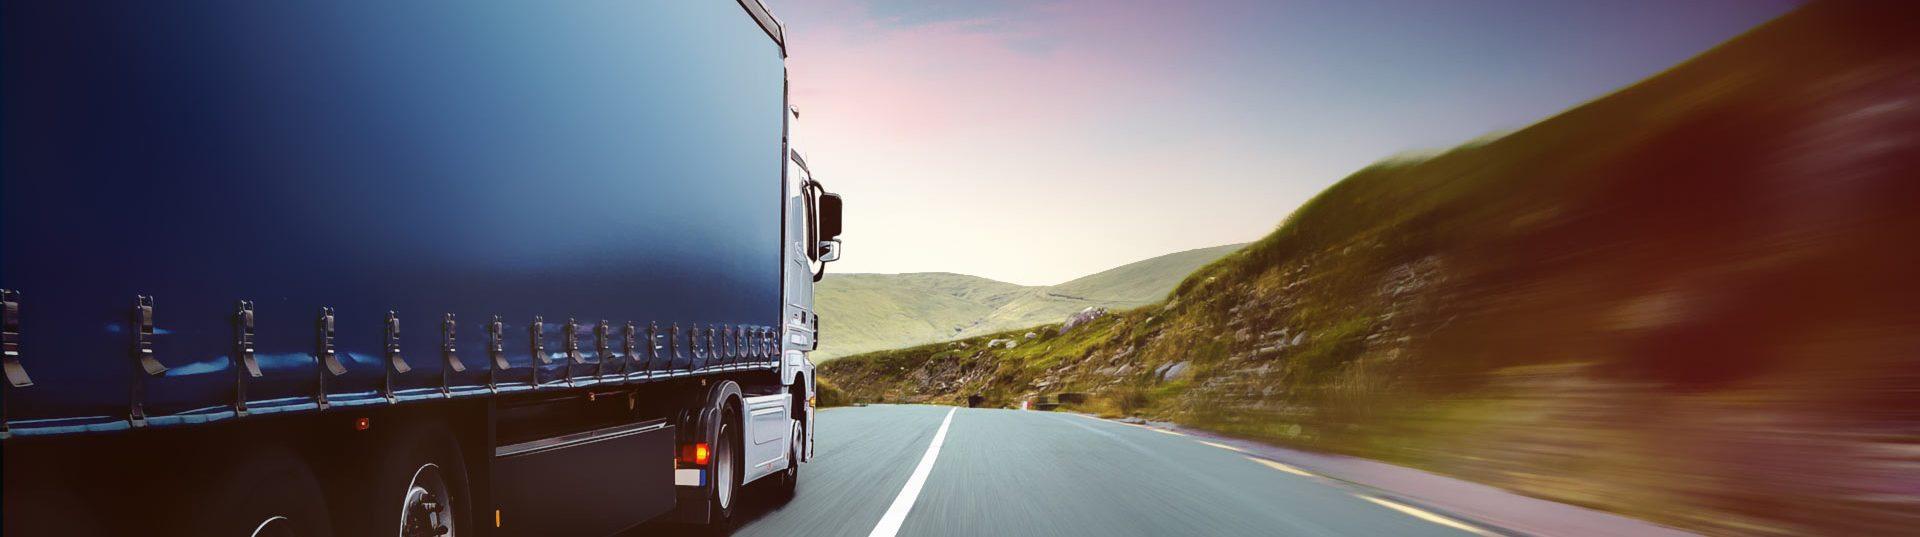 ТАМОЖЕННЫЙ БРОКЕР ДЛЯ ЮРИДИЧЕСКИХ И ФИЗИЧЕСКИХ ЛИЦ<br /> Таможенные услуги под ключ: импорт , экспорт , растаможка авто.